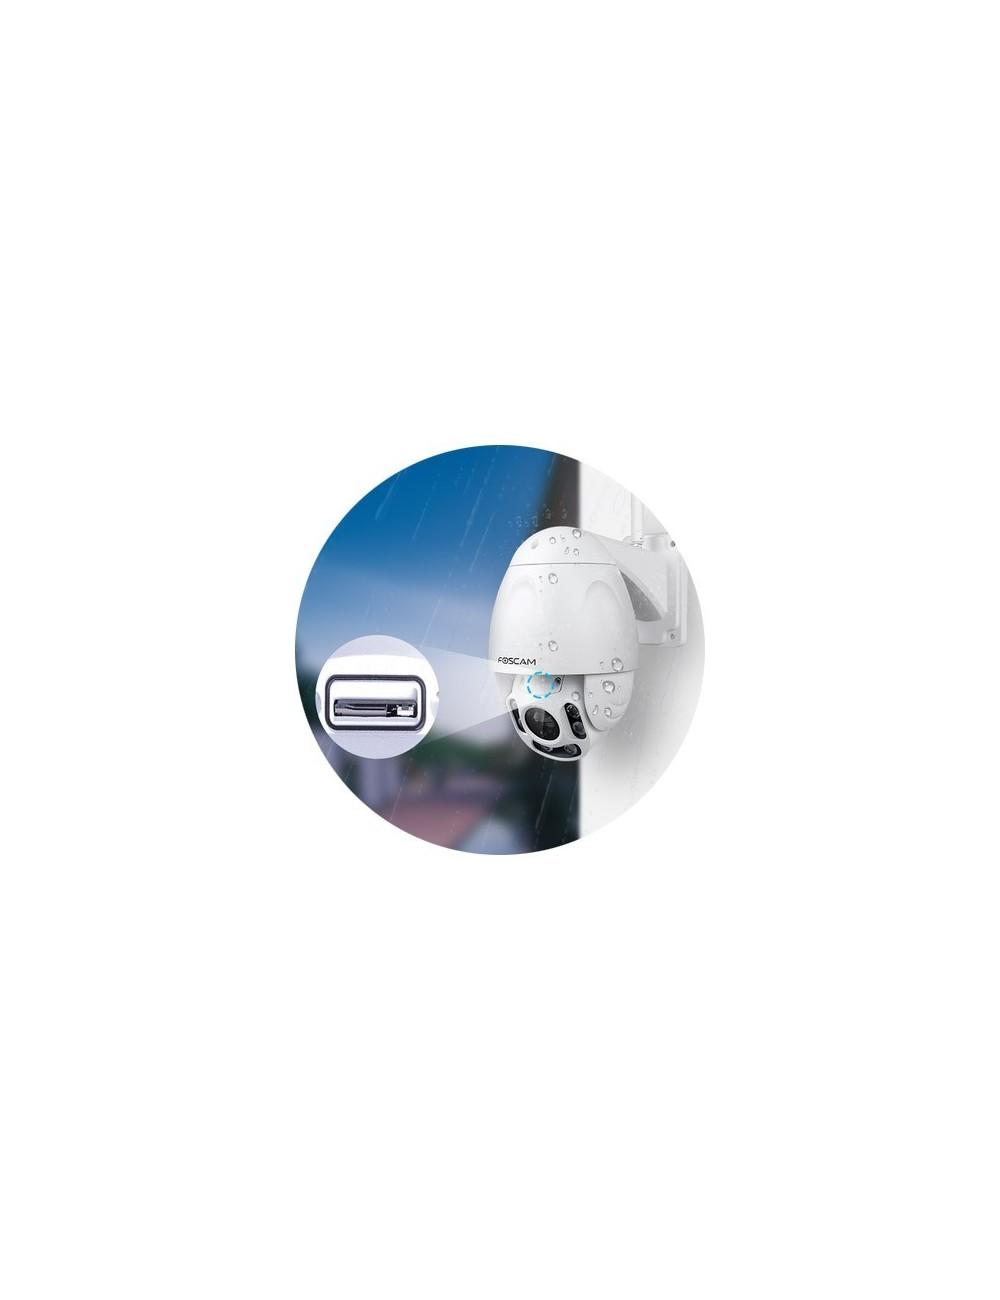 FI9928P PTZ